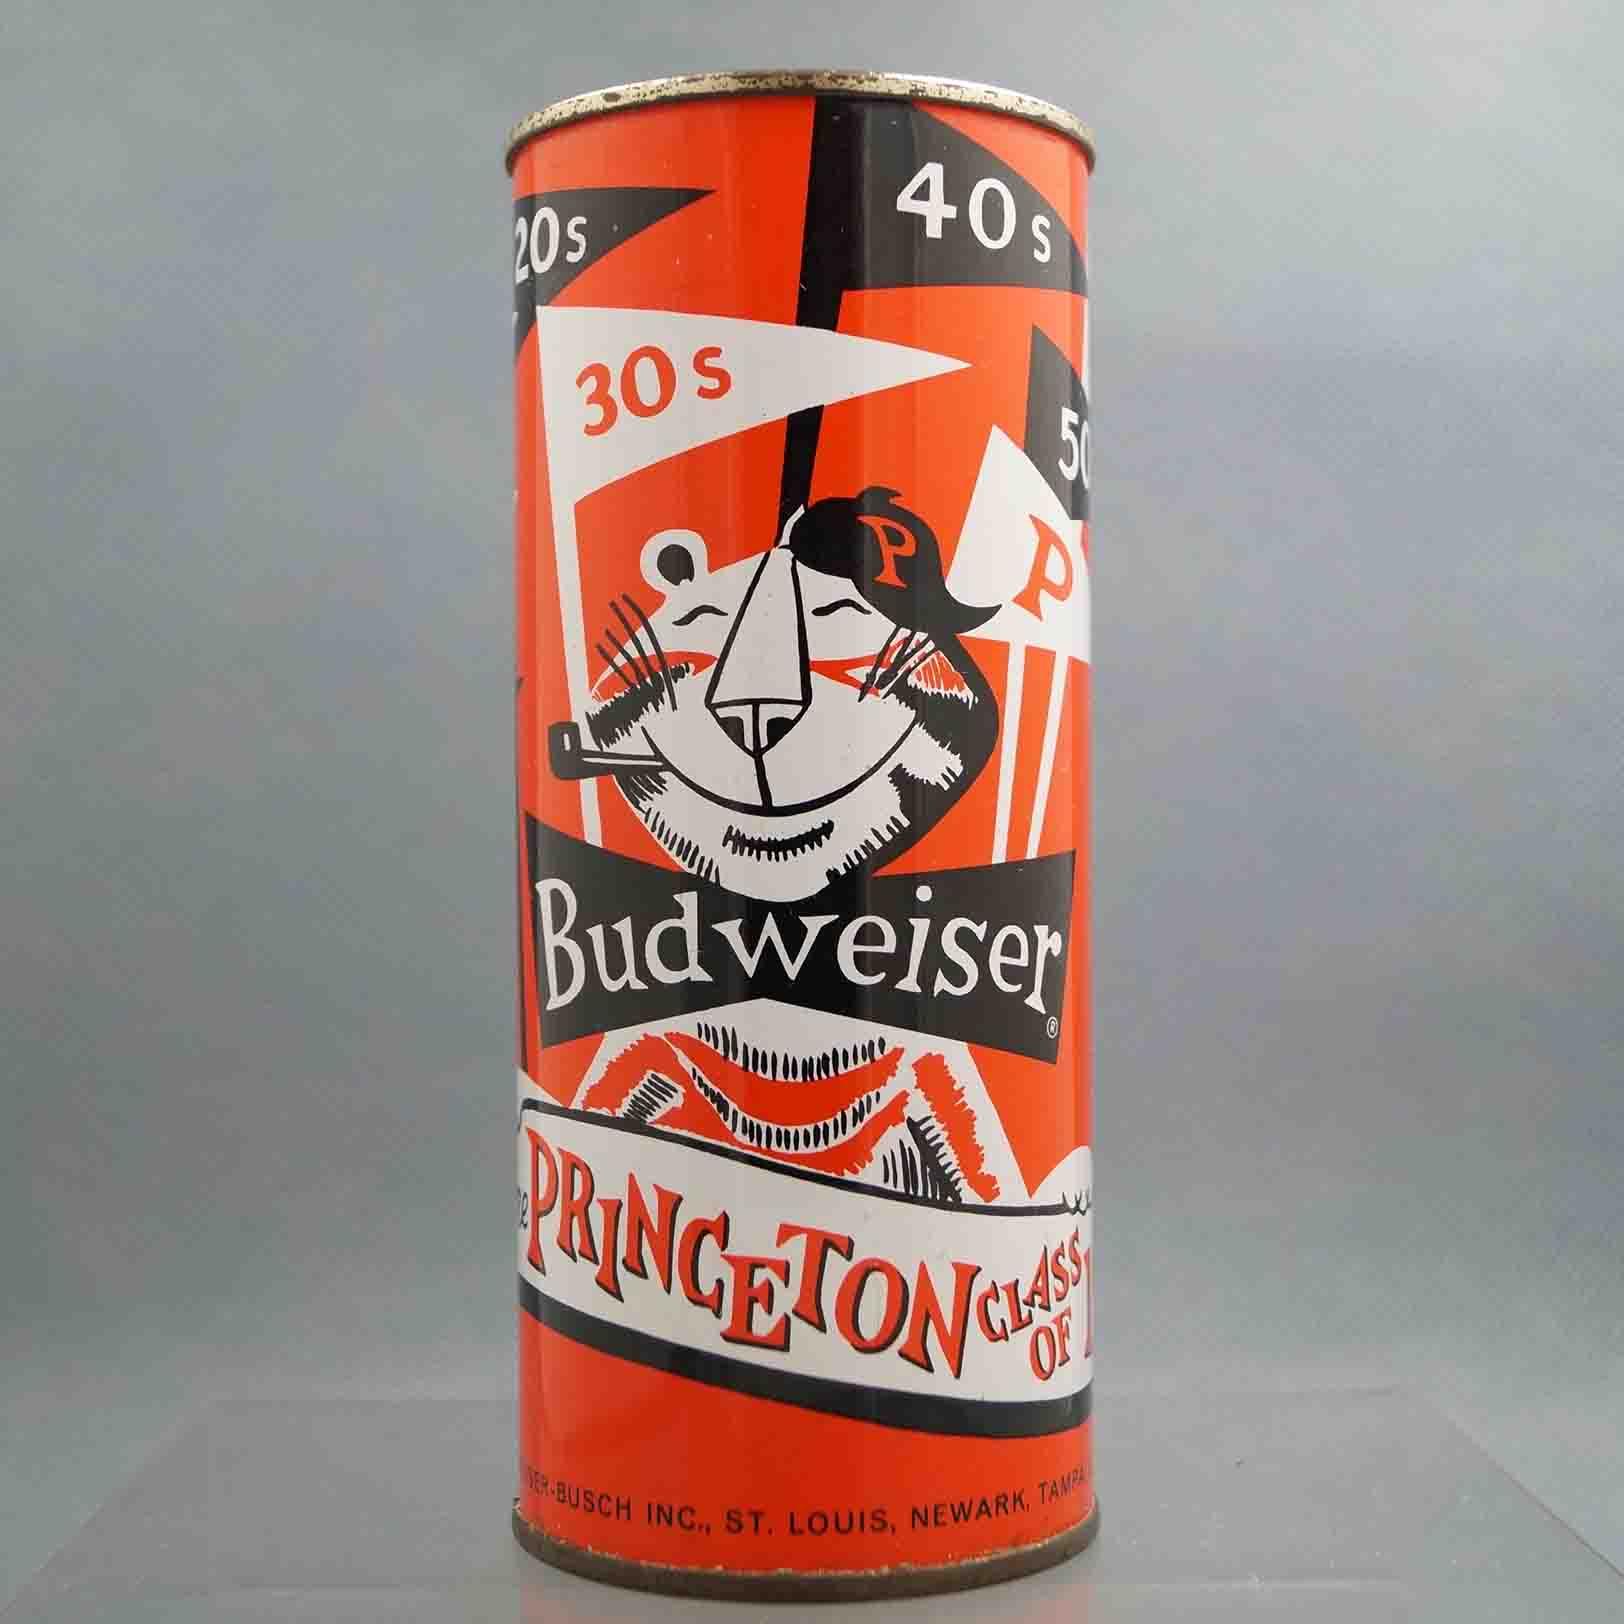 Budweiser Princeton Class